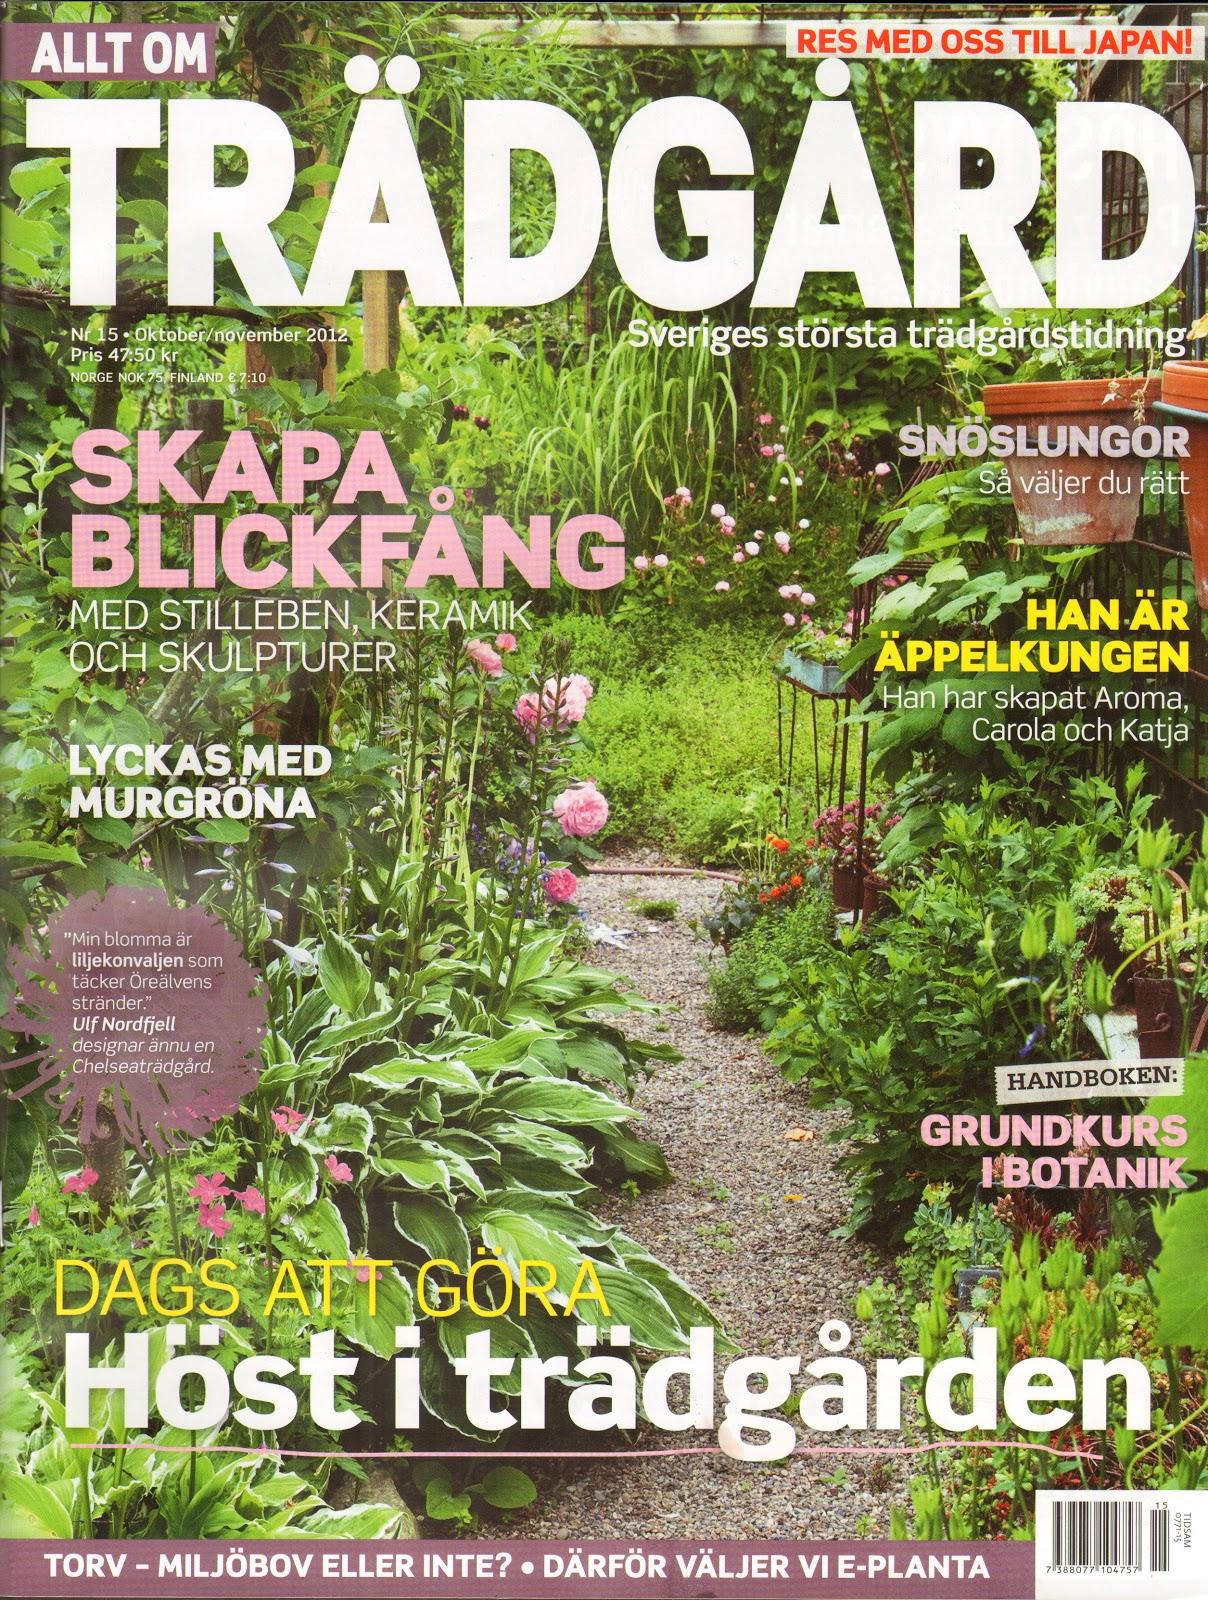 I Vått och Torrt Trädgårdsdesign: Min trädgård i Allt om Trädgård!